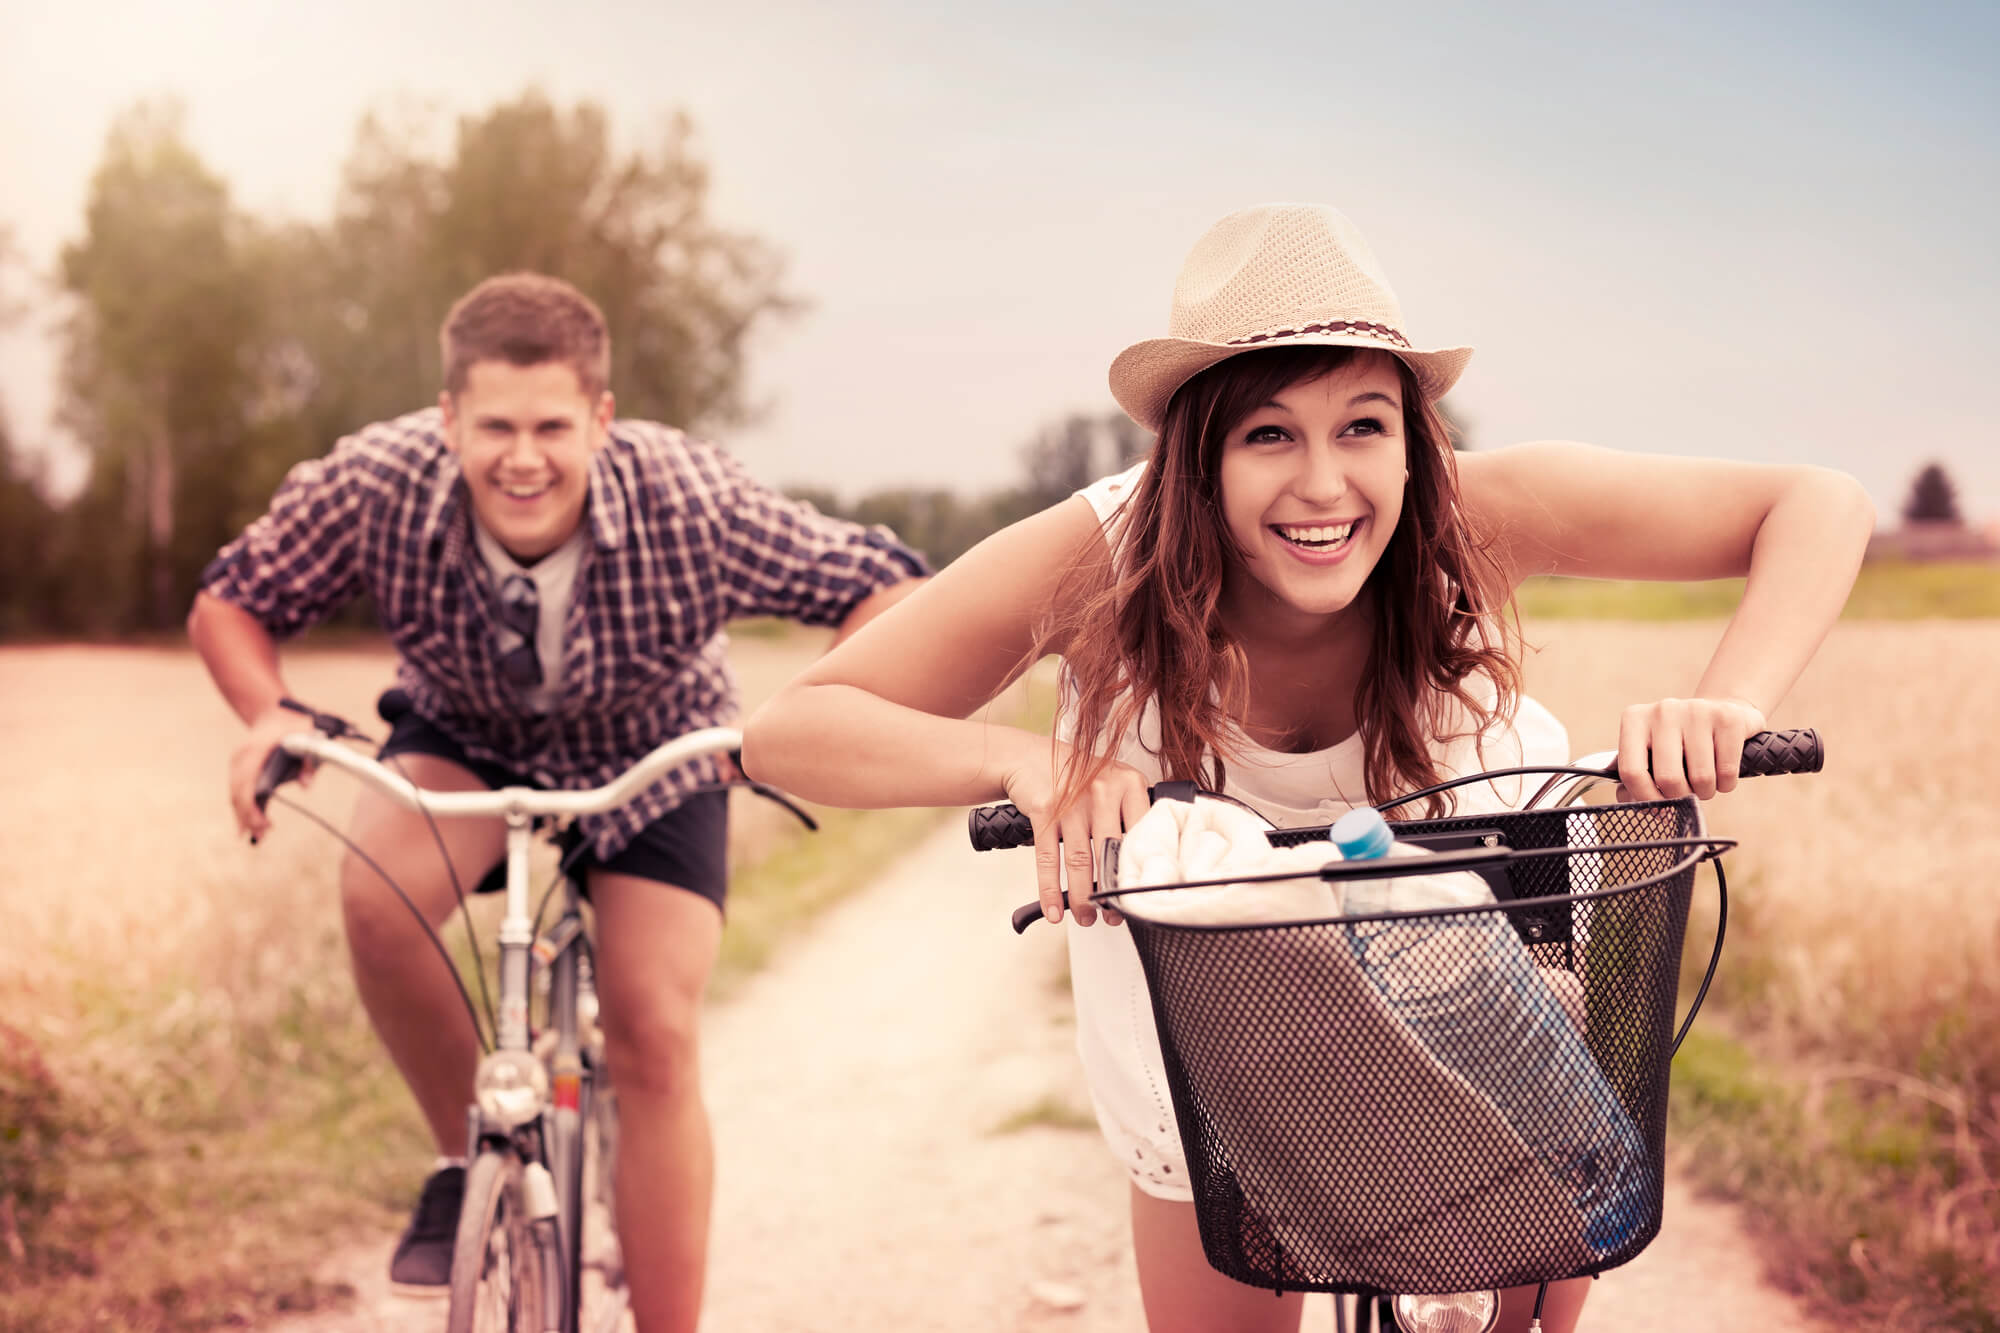 Dave's Cheap Bikes